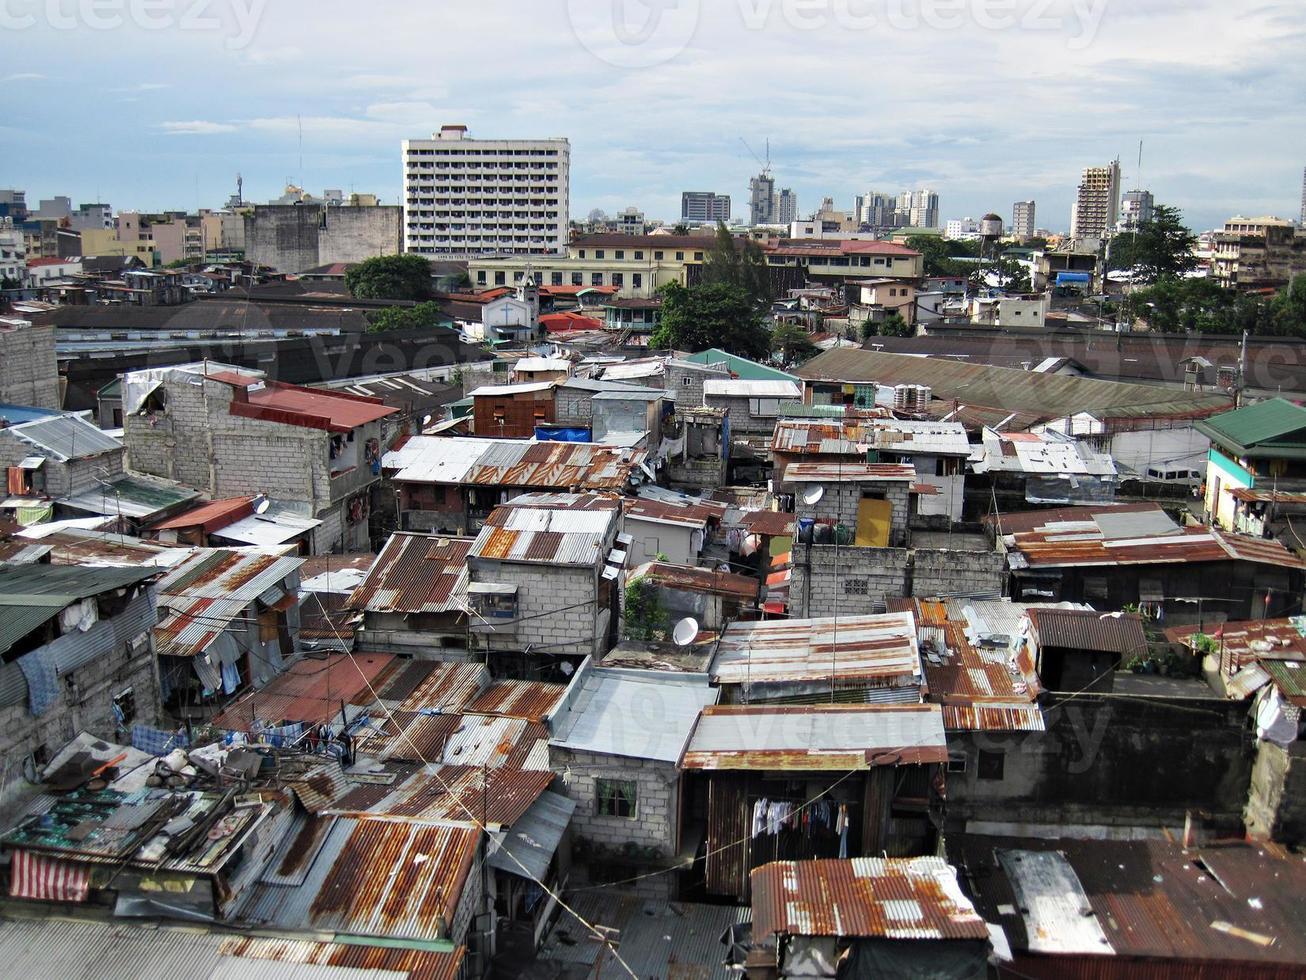 Hausbesetzer und Häuser in einem Slum-Stadtgebiet foto